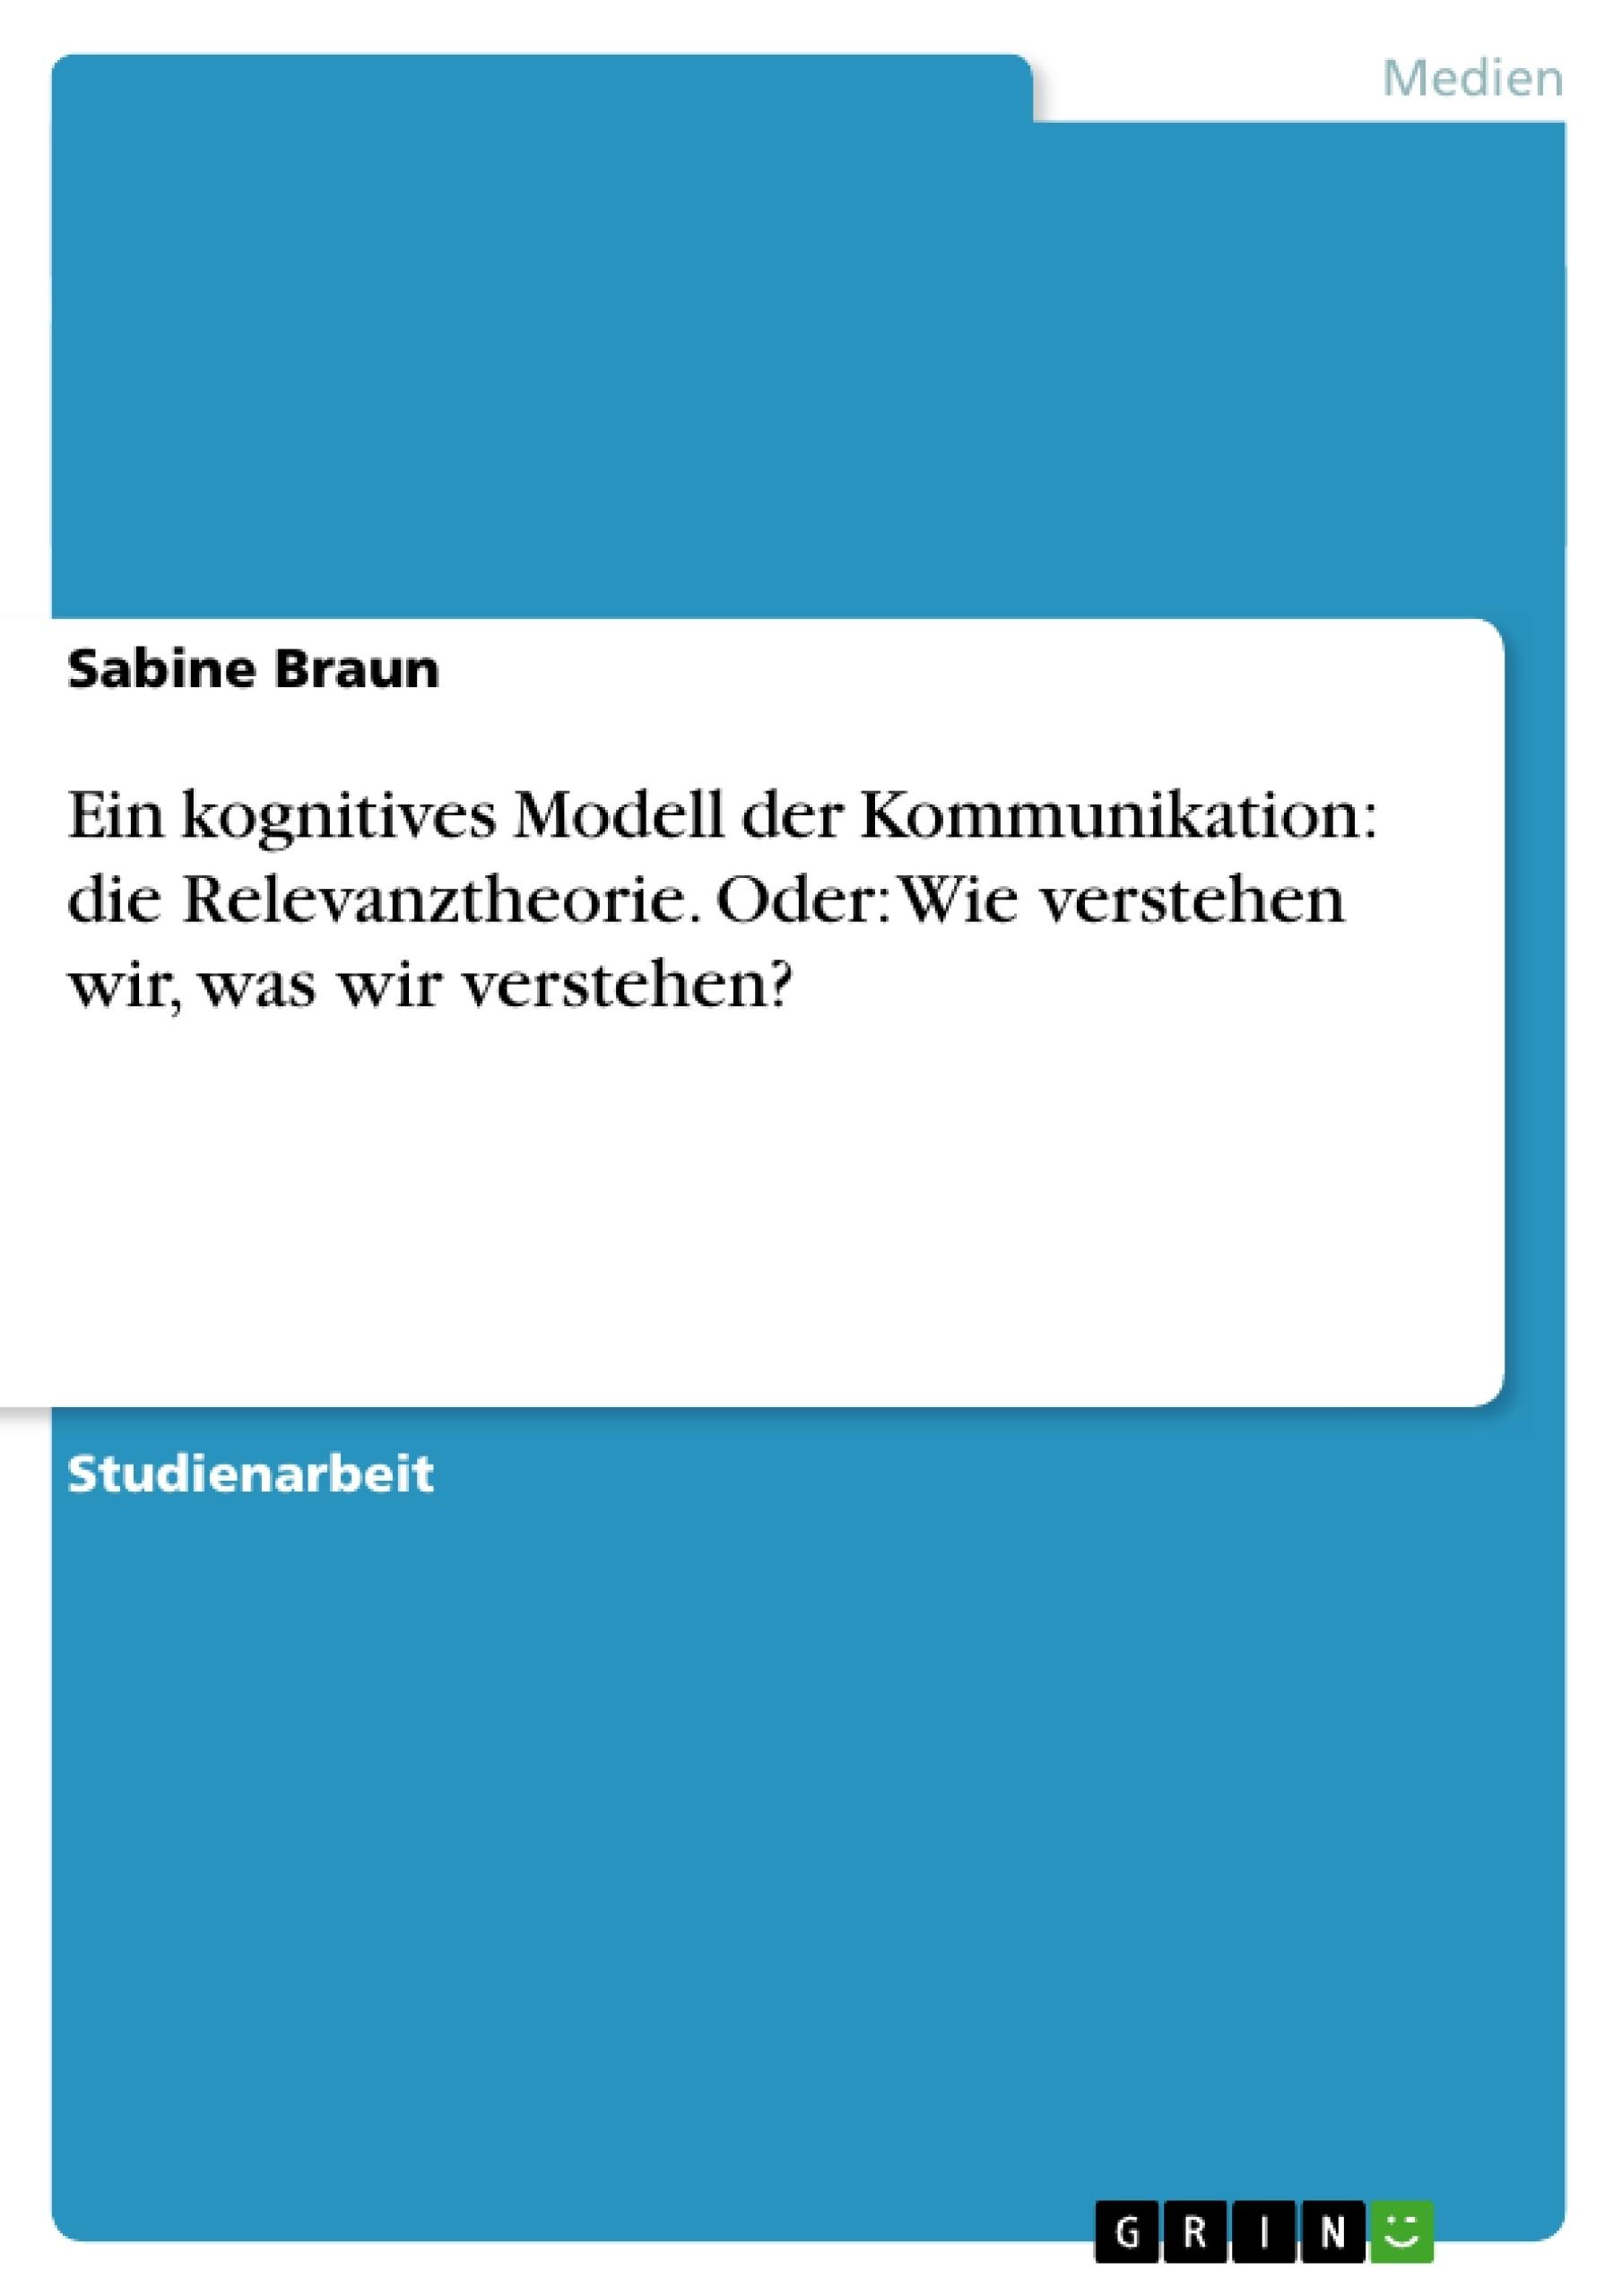 Titel: Ein kognitives Modell der Kommunikation: die Relevanztheorie. Oder: Wie verstehen wir, was wir verstehen?